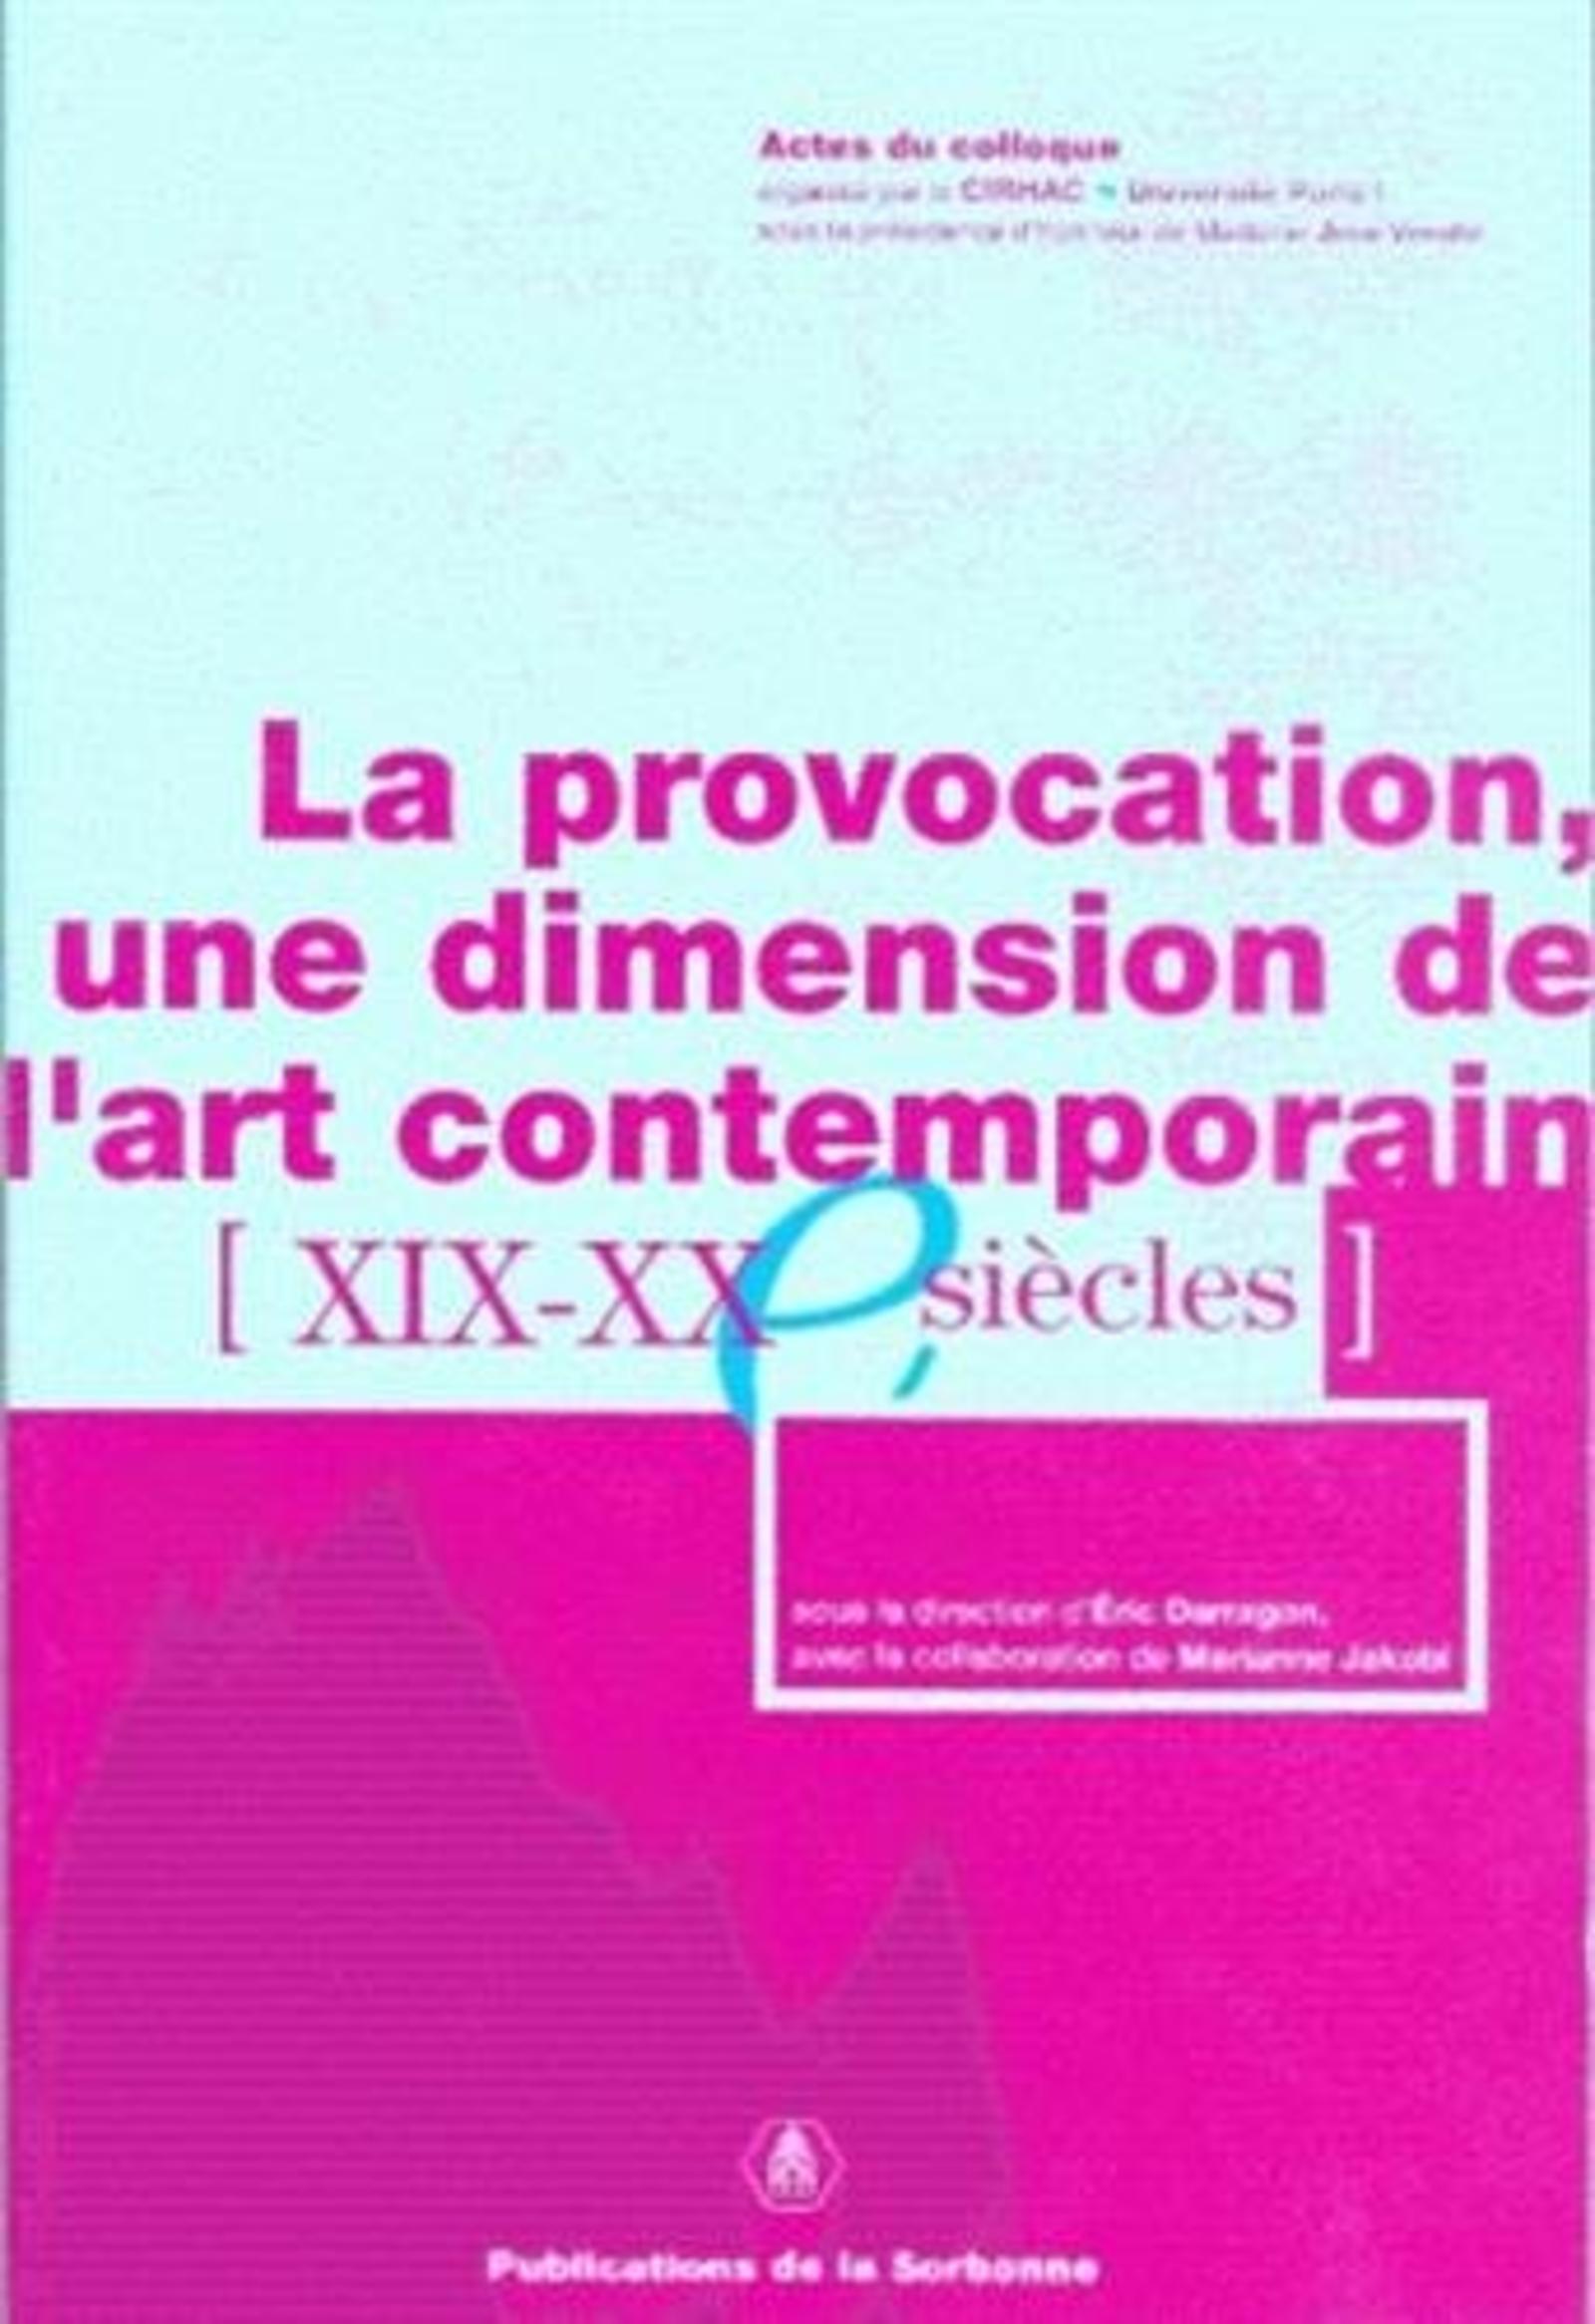 PROVOCATION UNE DIMENSION DE L ART CONTEMPORAIN (XIXE-XXE SIECLES)